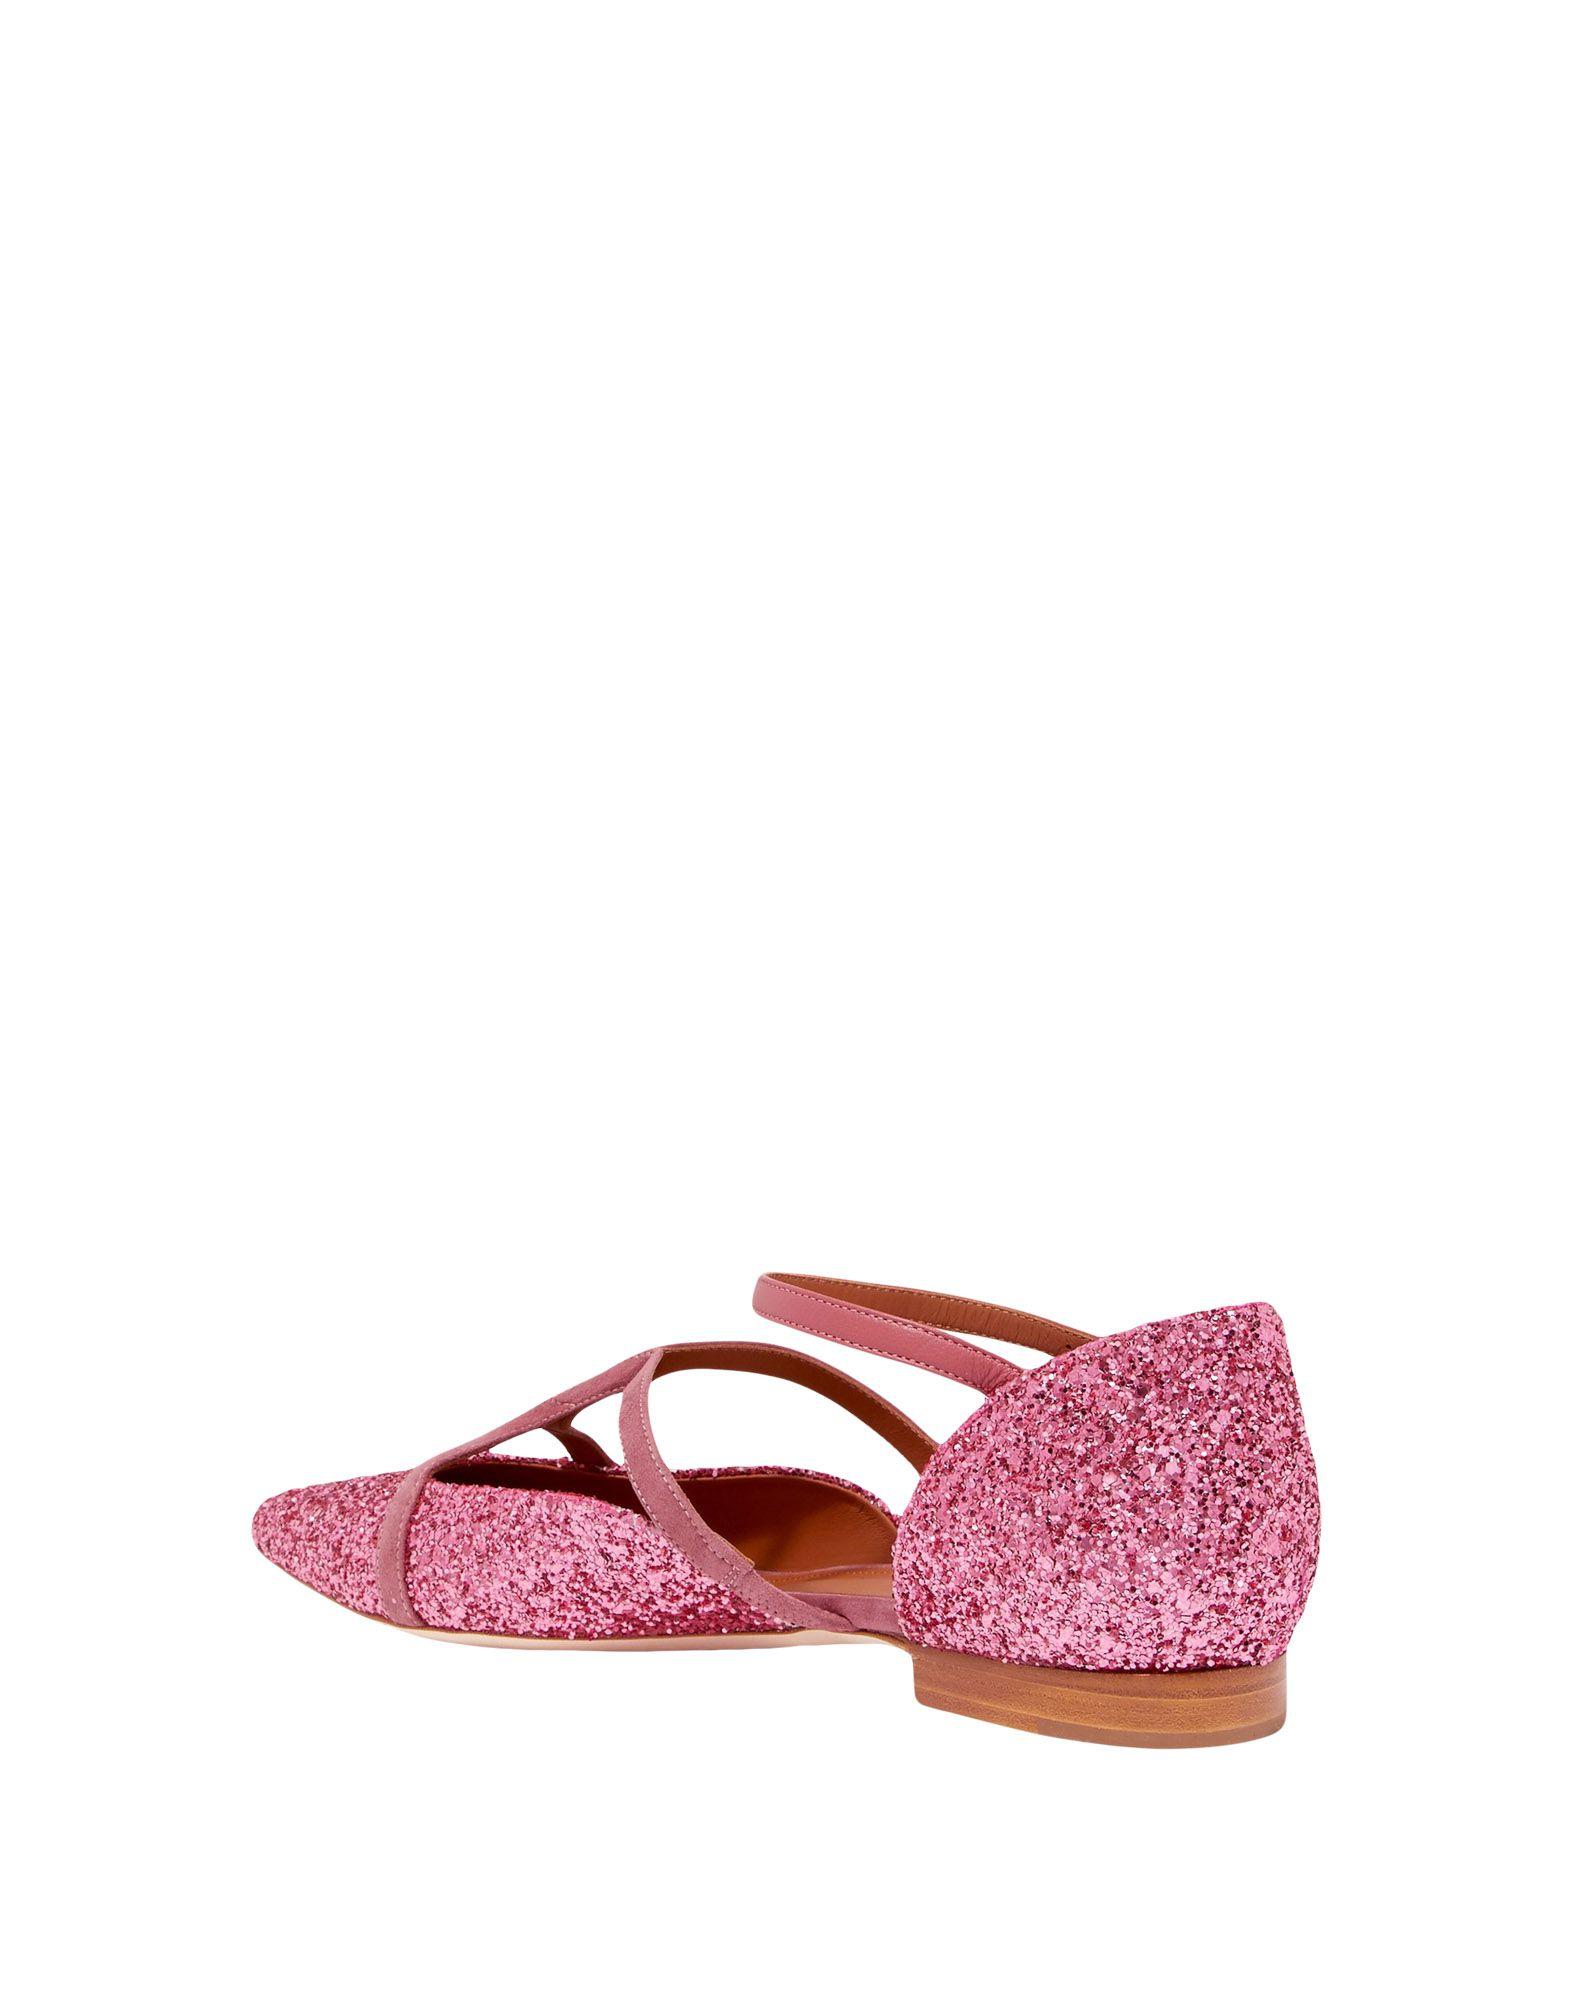 Rabatt Rabatt Rabatt Schuhe Isabel Marant Ballerinas Damen  11524479TV b2ff7e